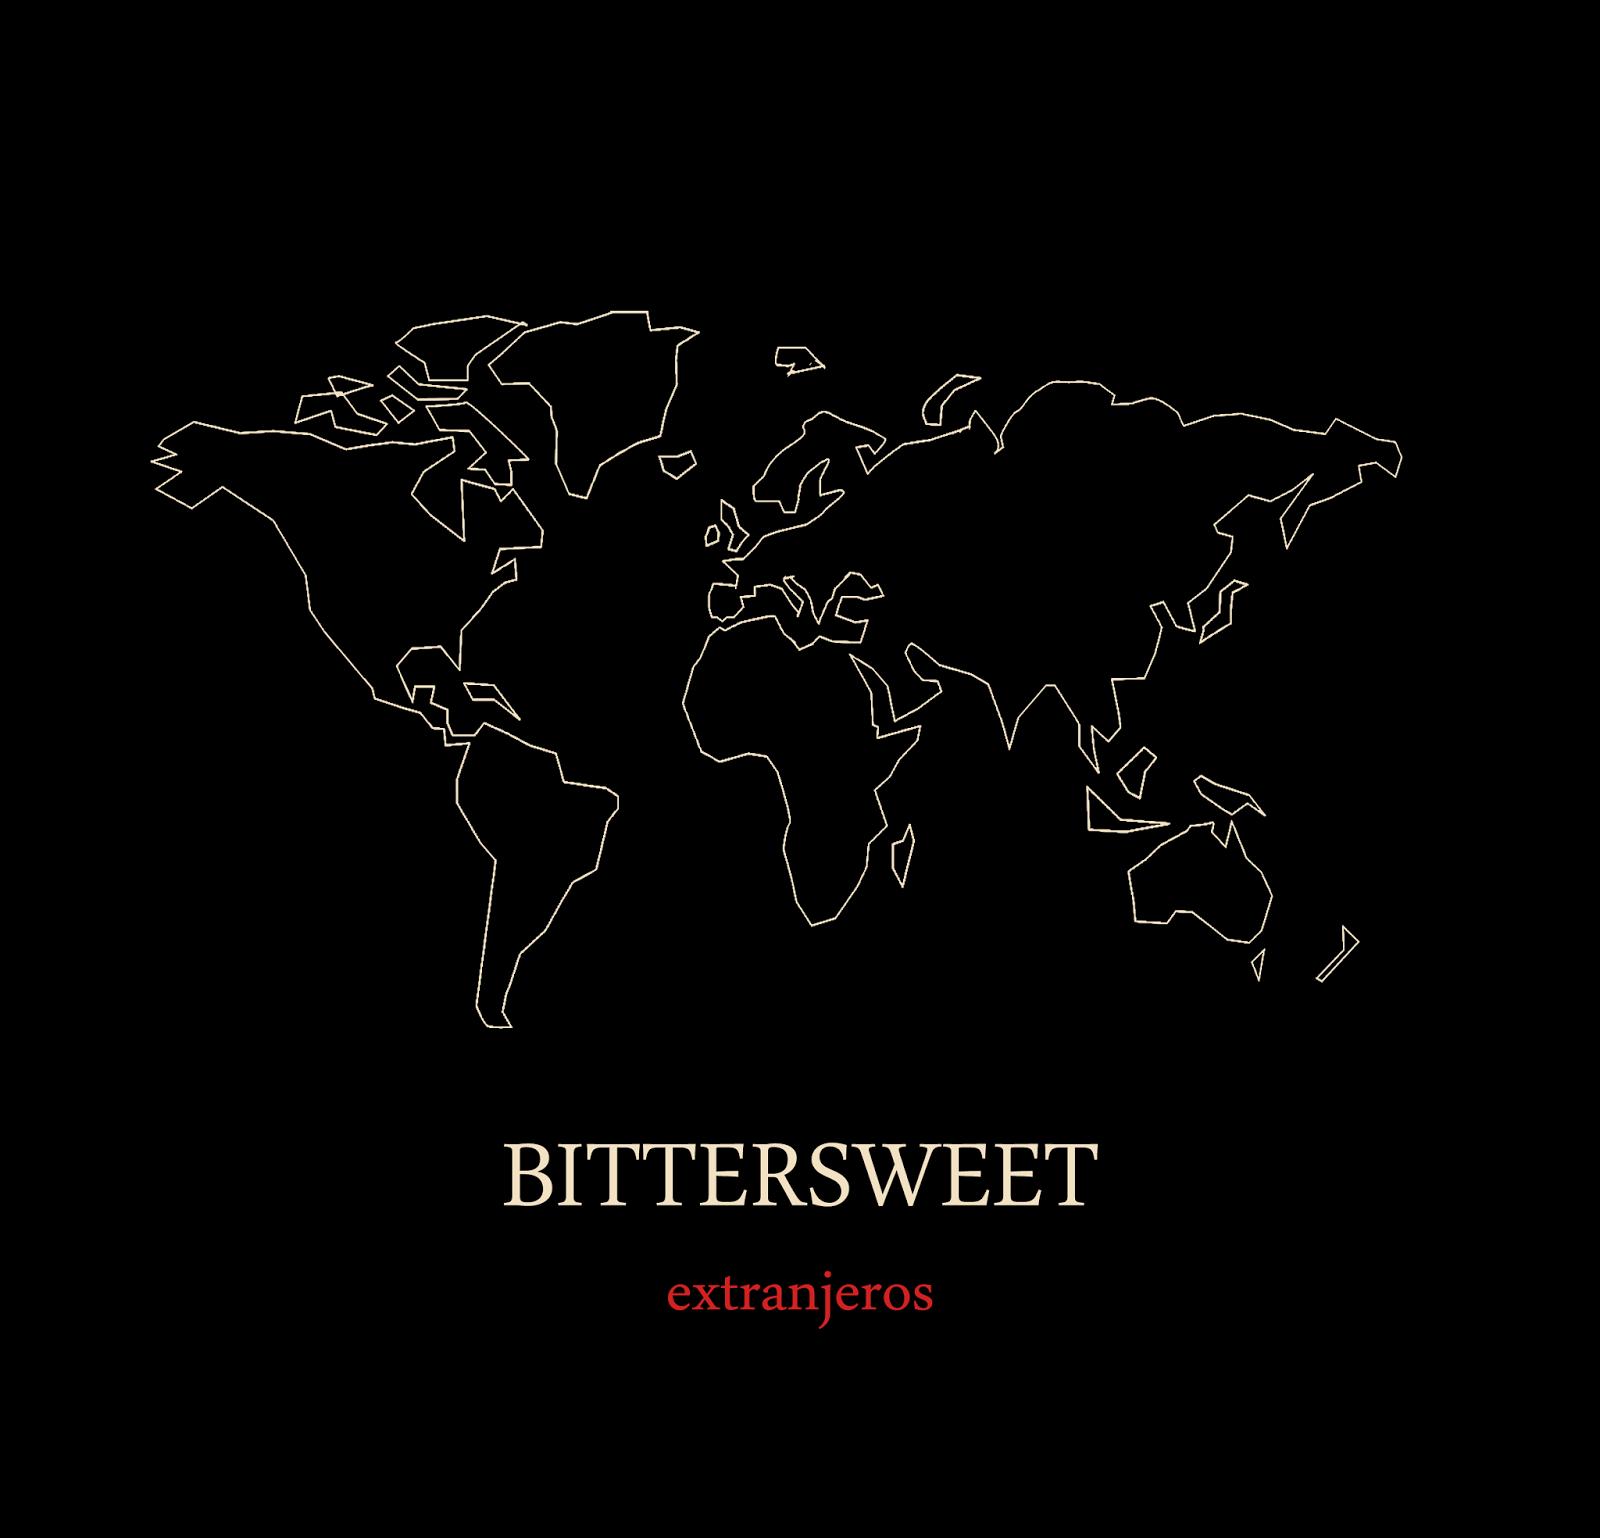 Bittersweet Extranjeros EP